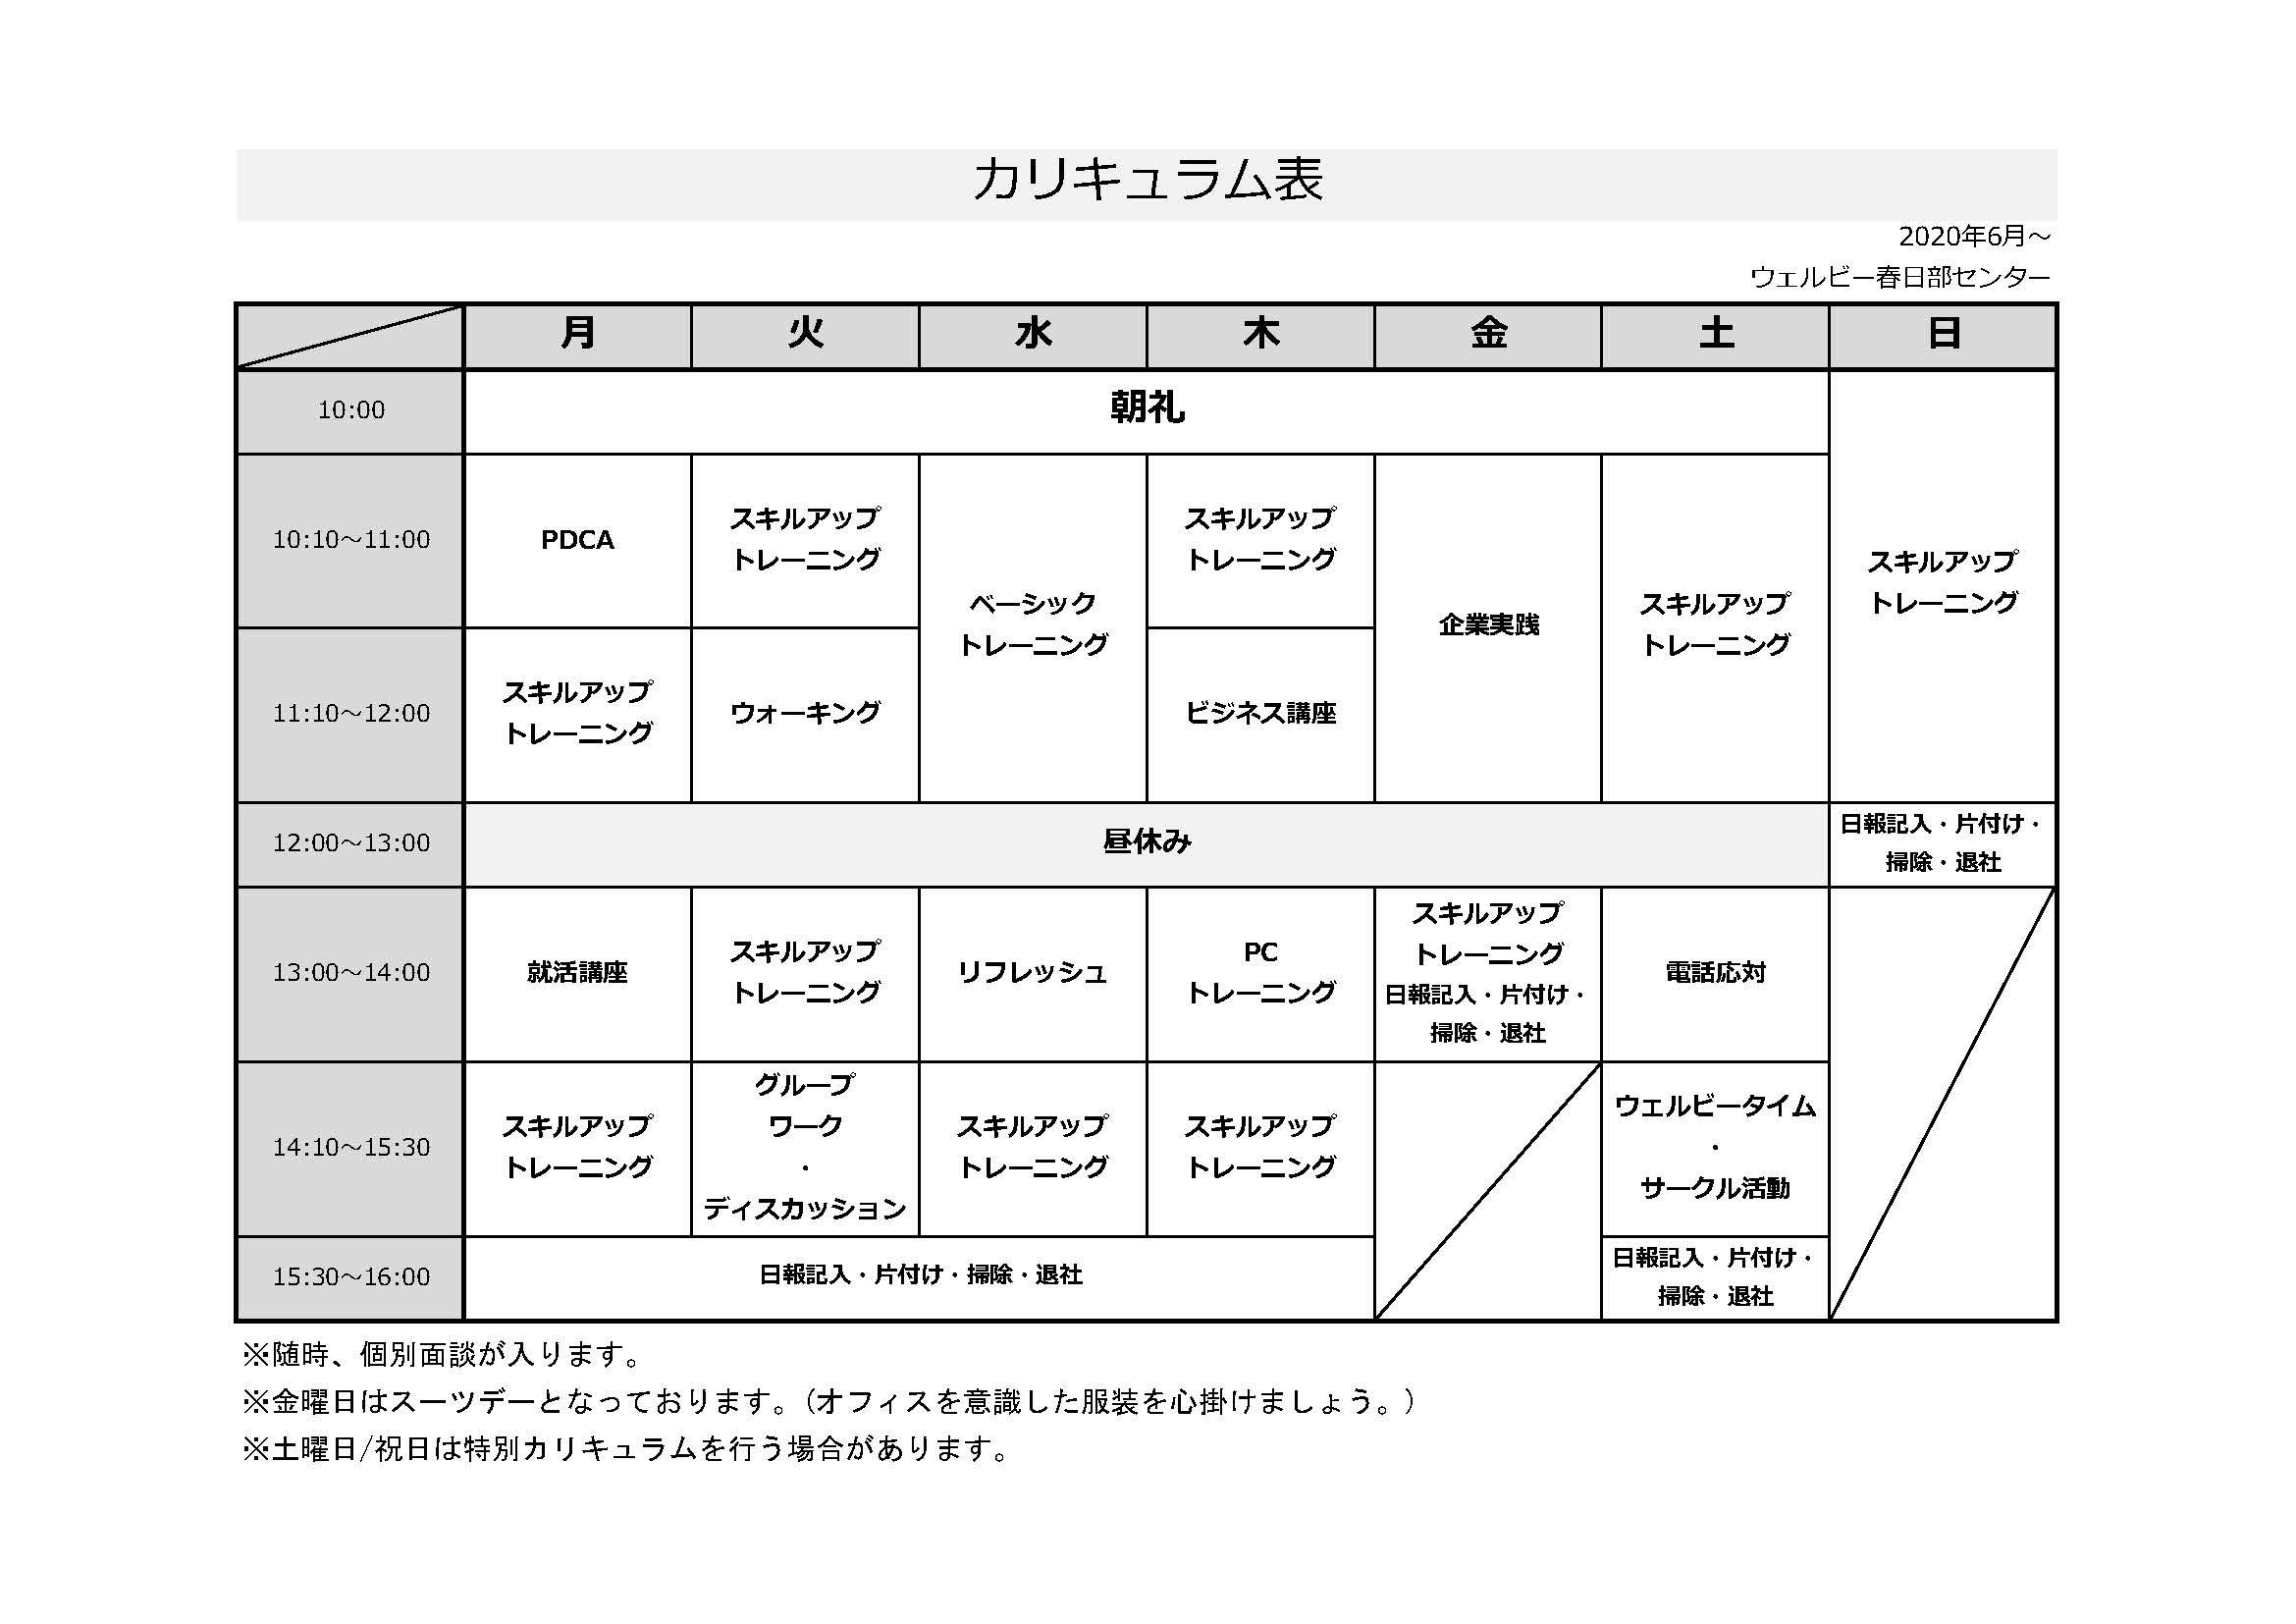 【ウェルビー春日部】カリキュラム表